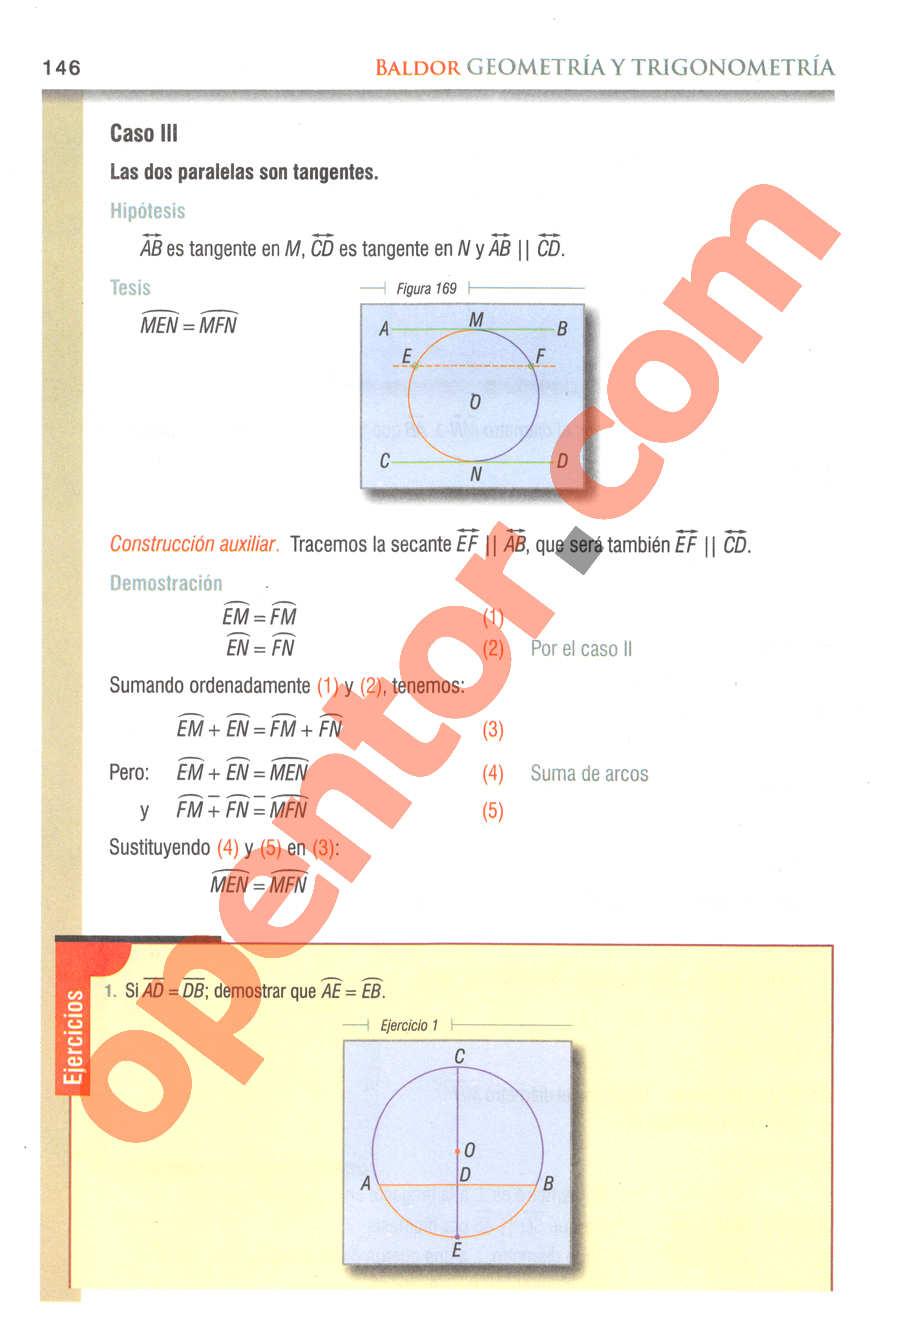 Geometría y Trigonometría de Baldor - Página 146